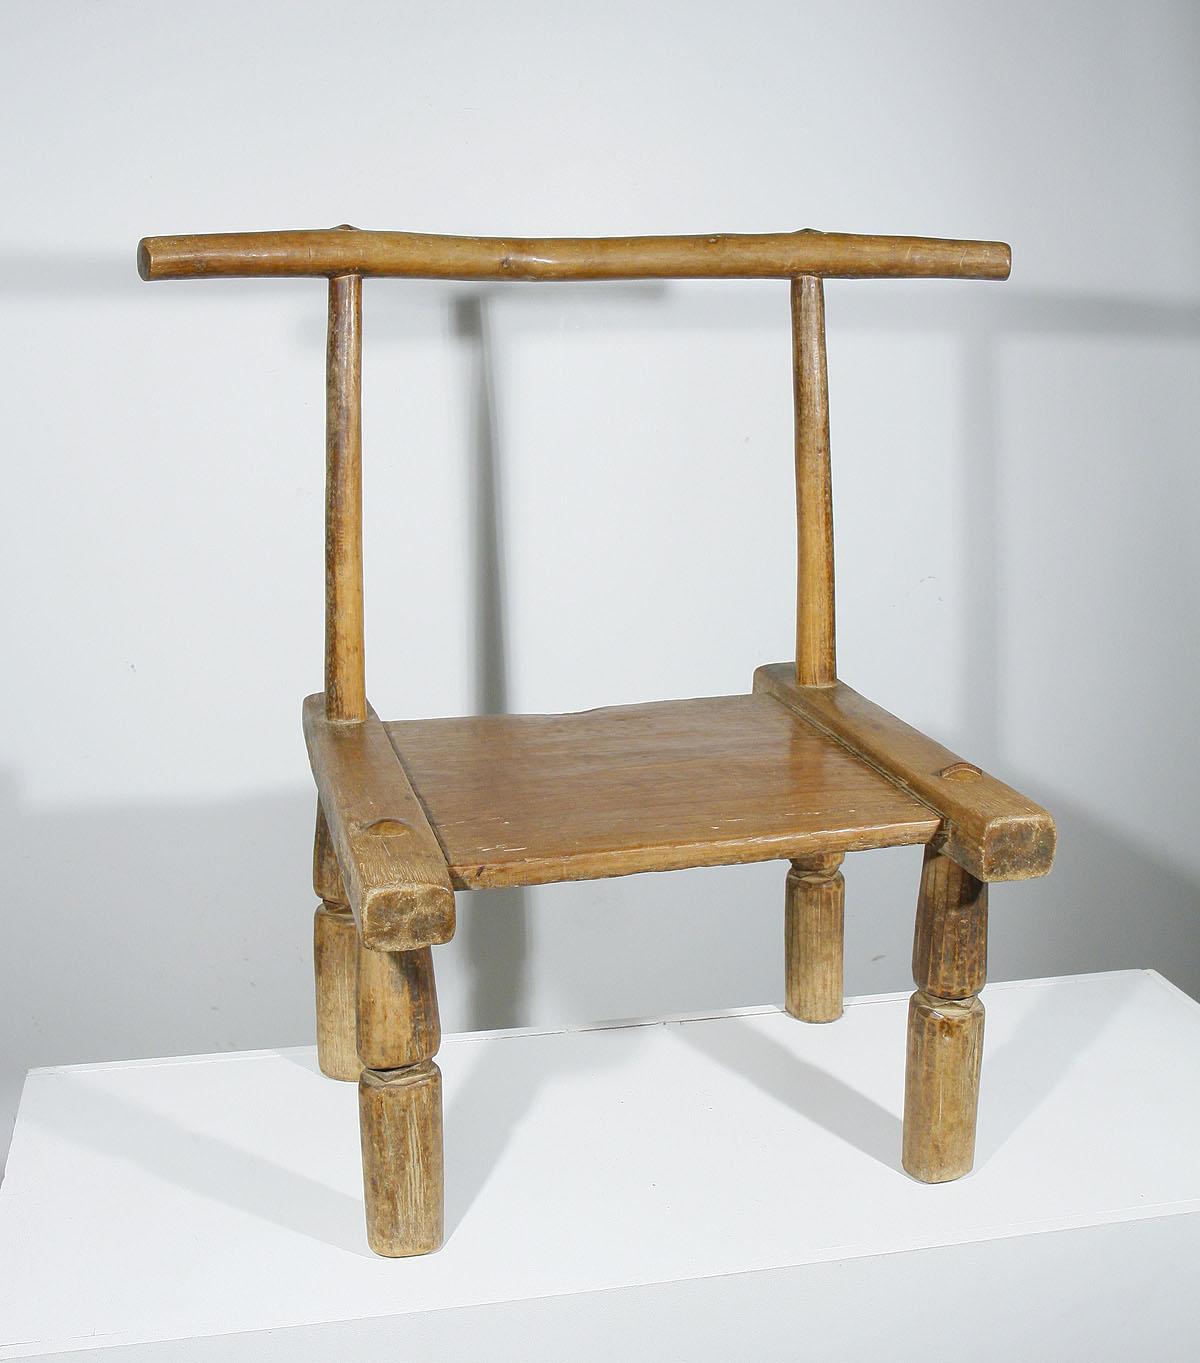 ancienne chaise africaine baoul de c te d 39 ivoire 01 90 galerie art africain masques et. Black Bedroom Furniture Sets. Home Design Ideas